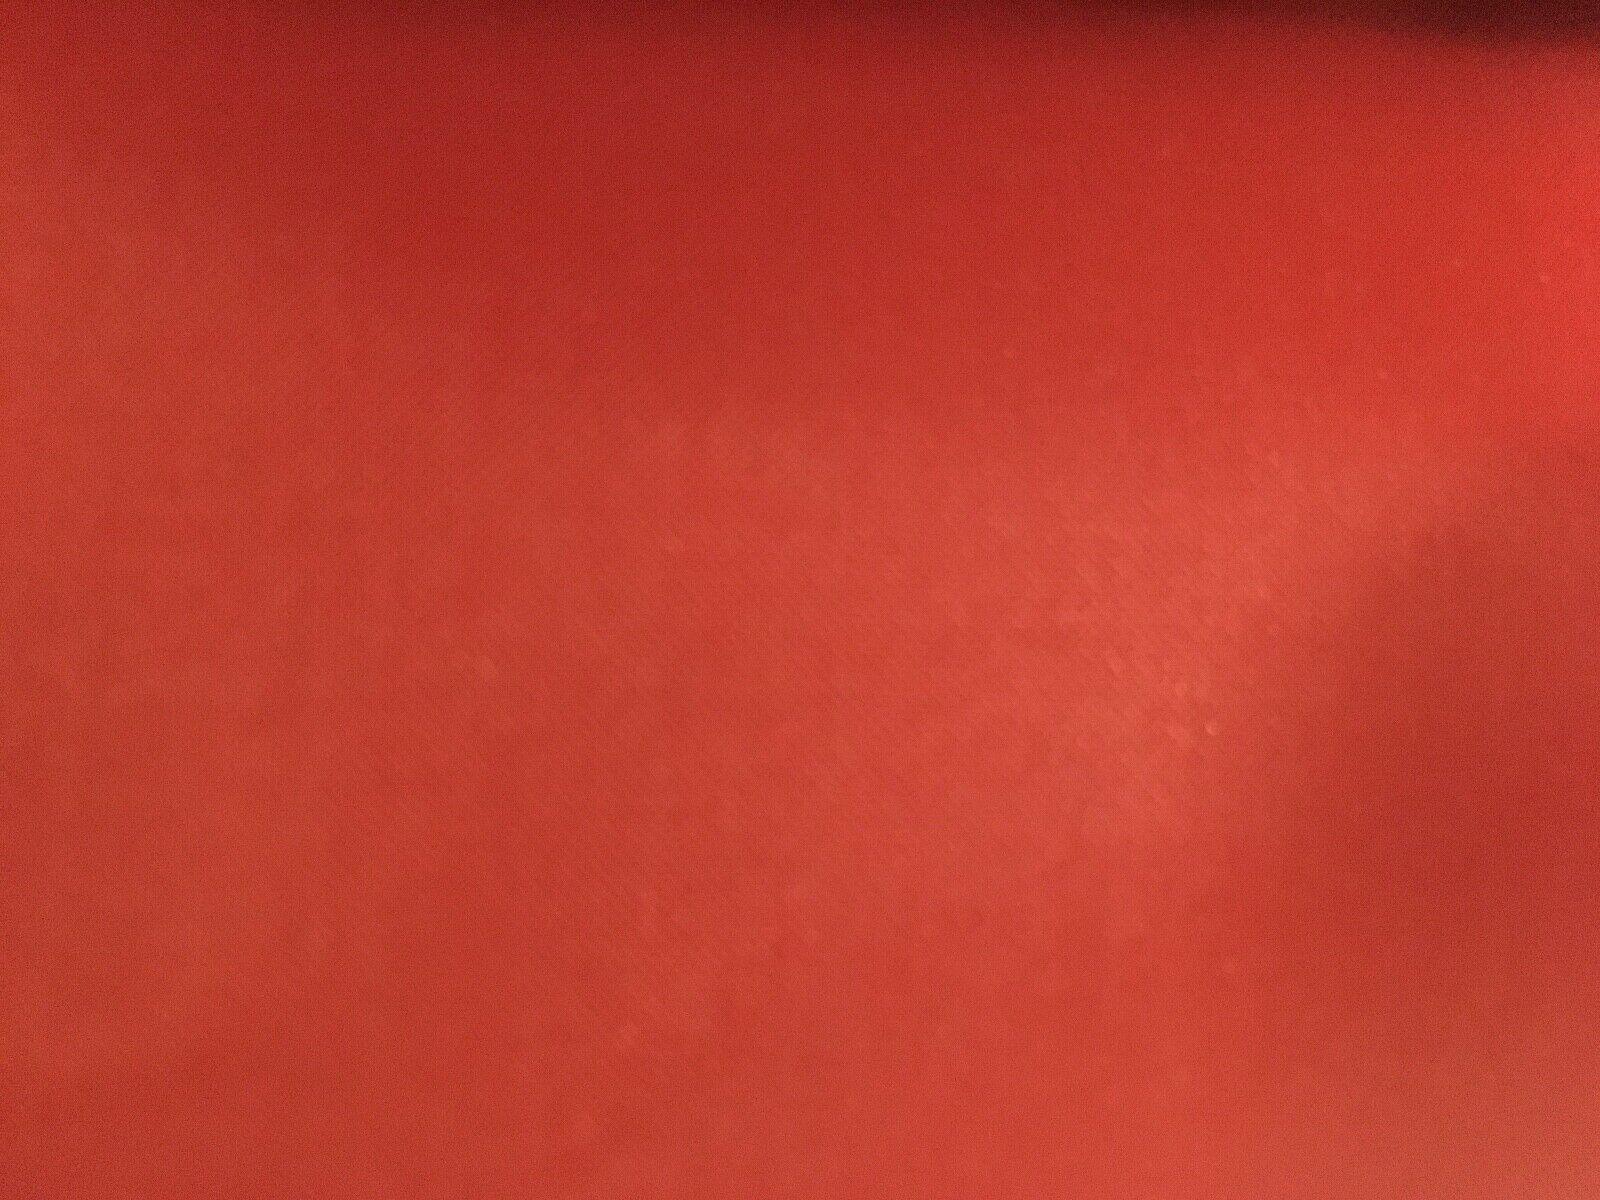 1 metre RED AIRTIGHT WATERPROOF FABRIC CLOTH MATERIALTOUGH HOT AIR BALLOON BR152